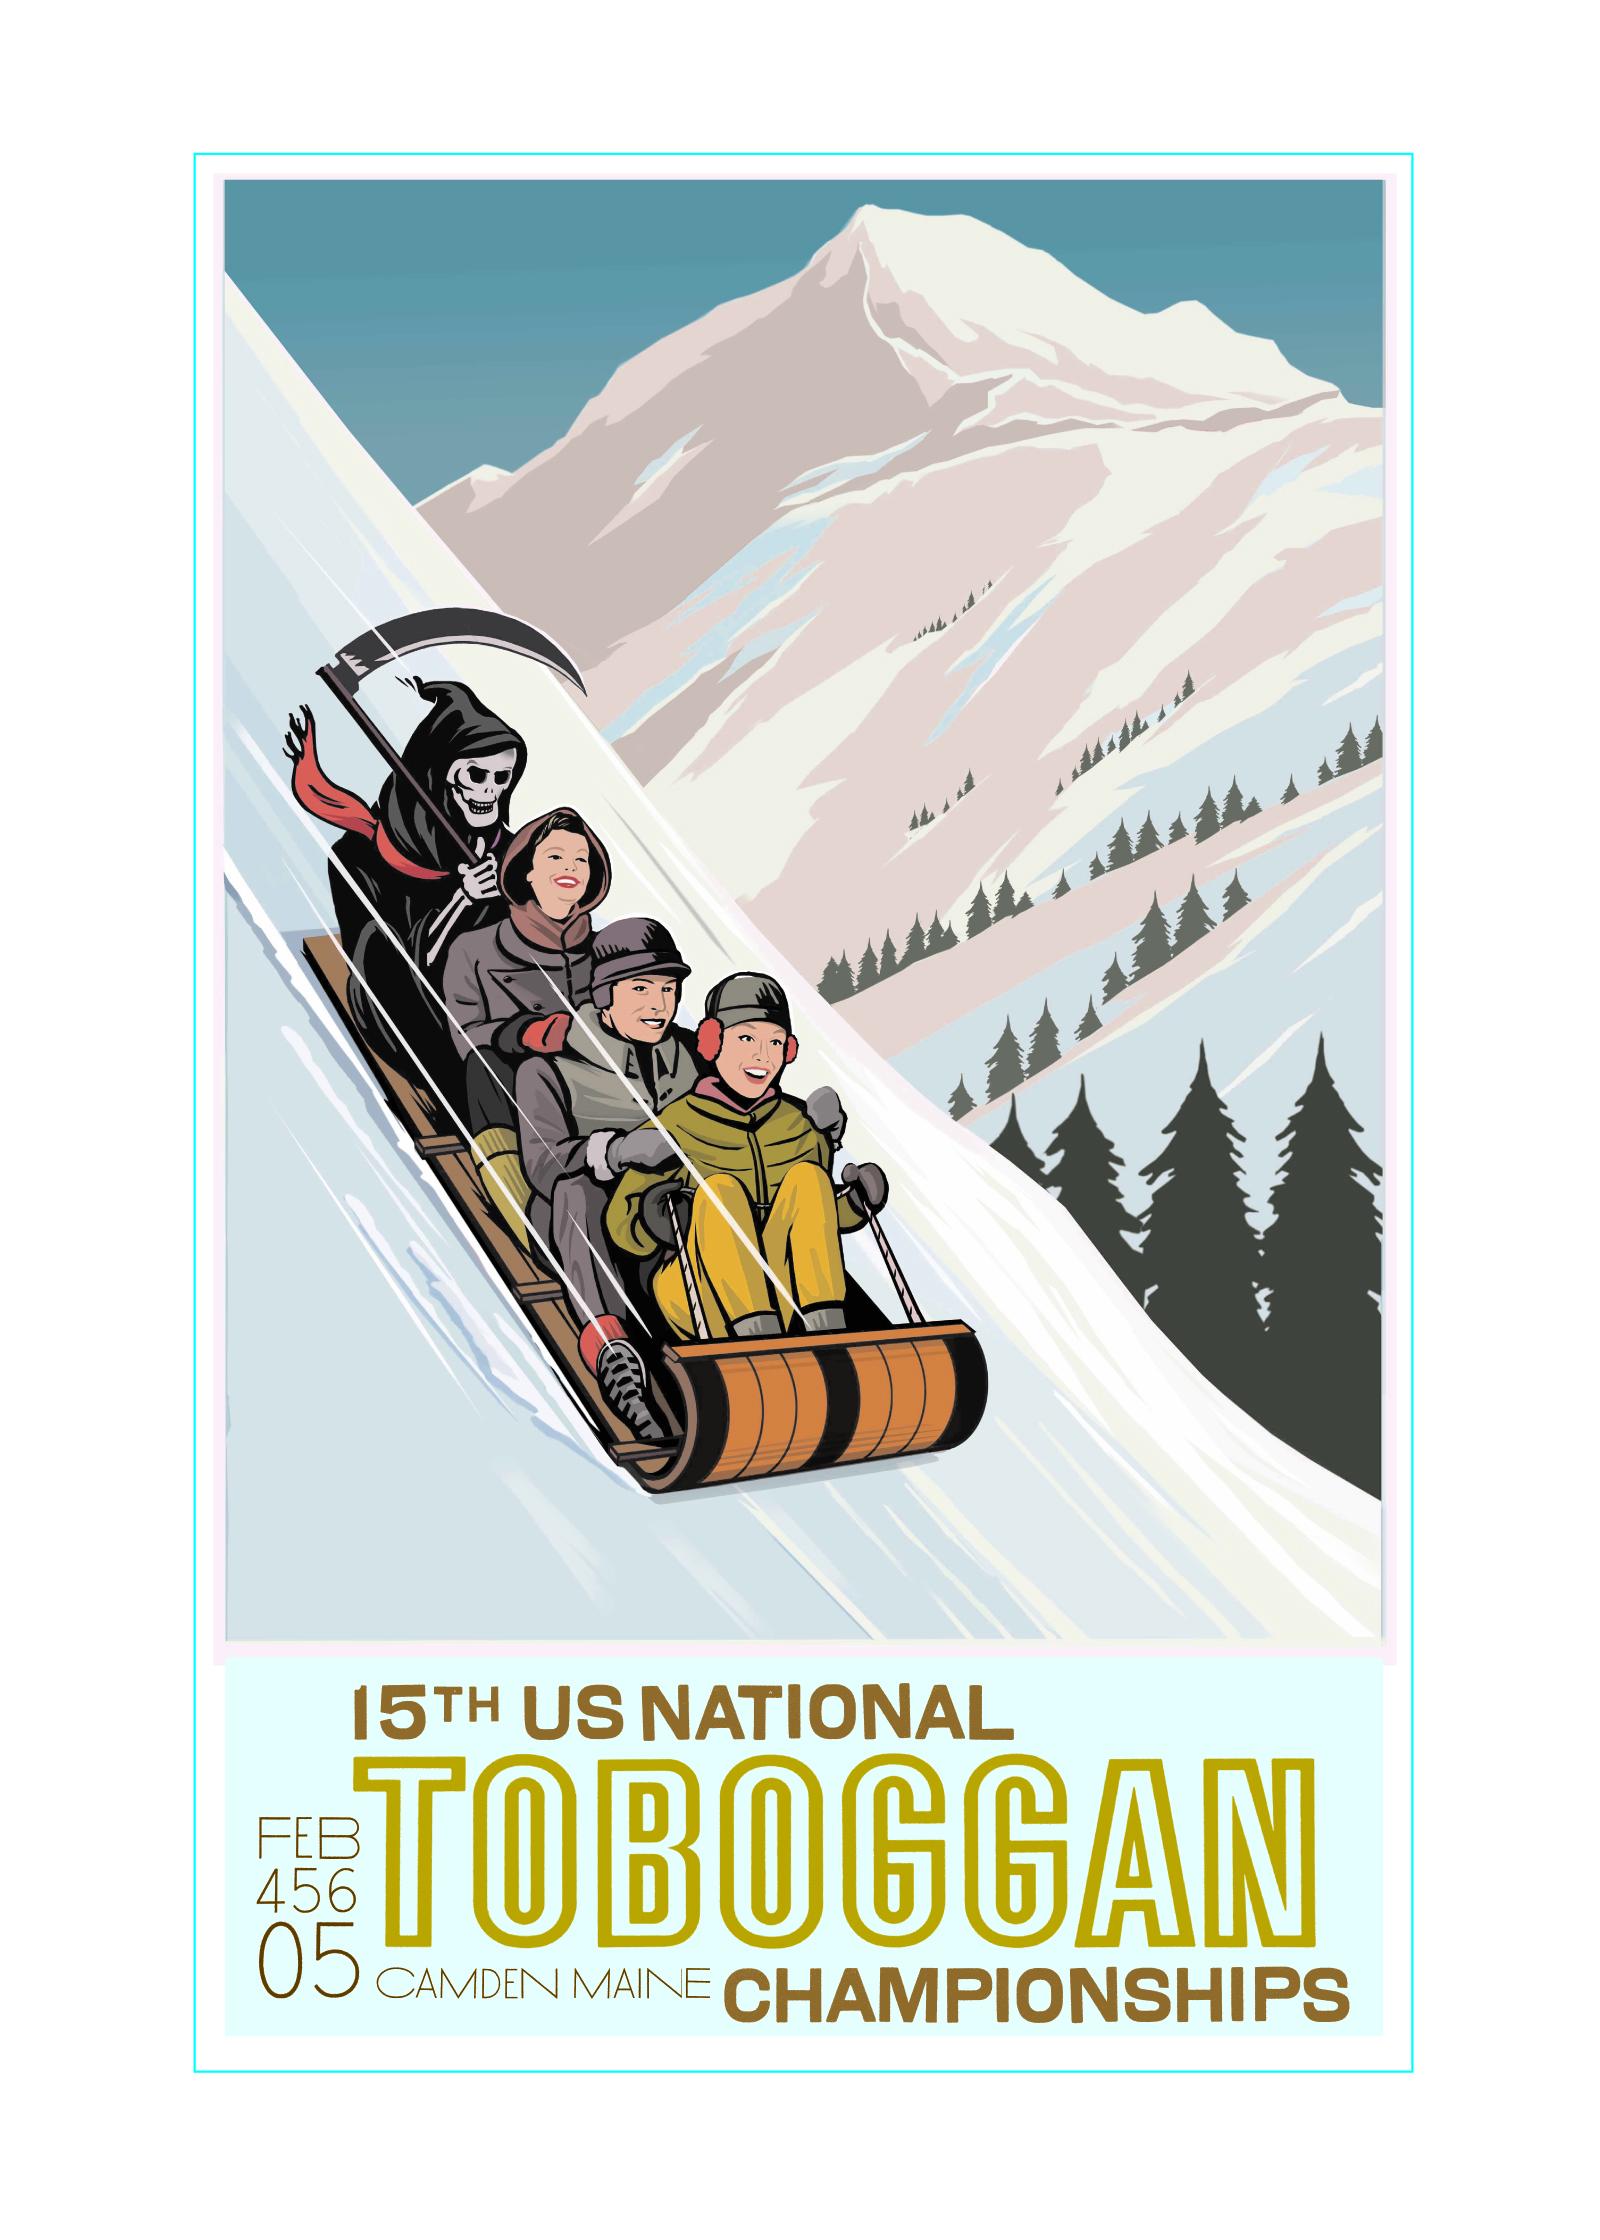 2005 Toboggan Poster